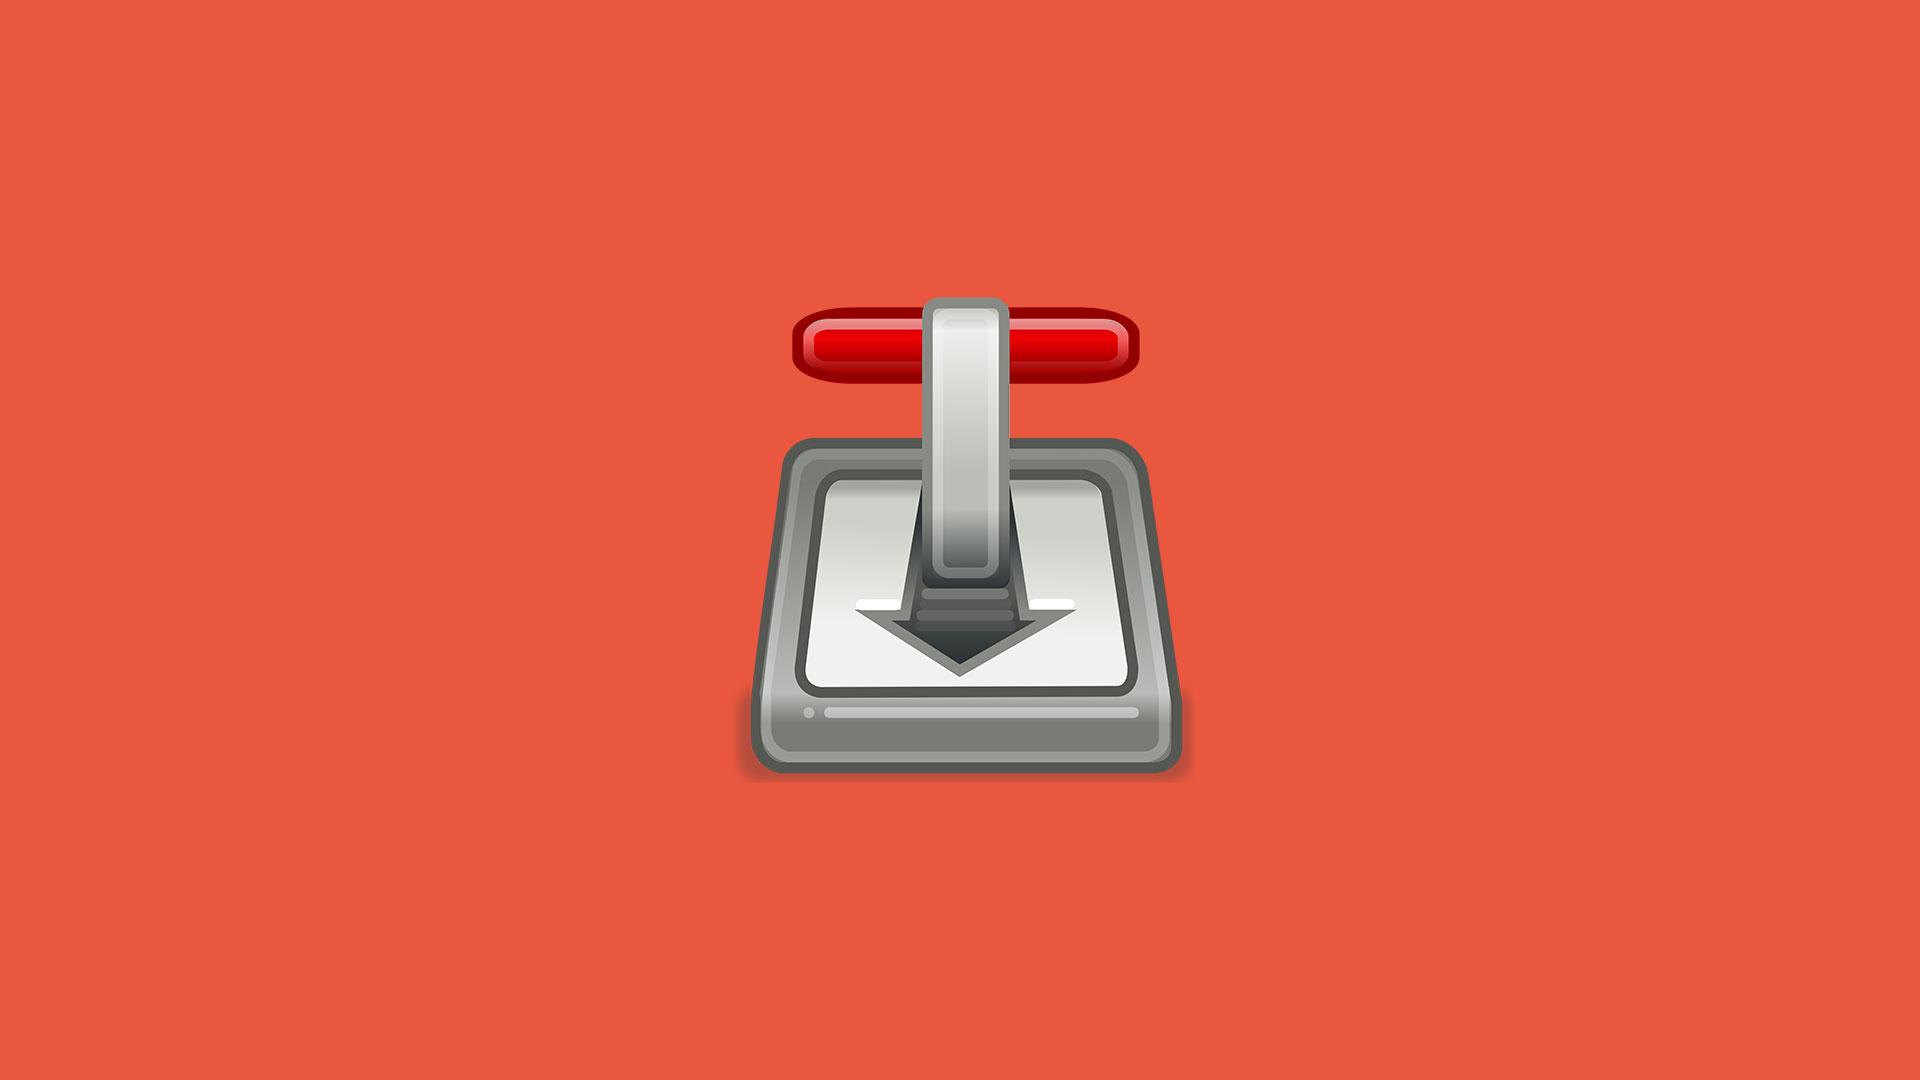 bittorrent   les meilleurs logiciels pour t u00e9l u00e9charger des torrents en p2p - tech